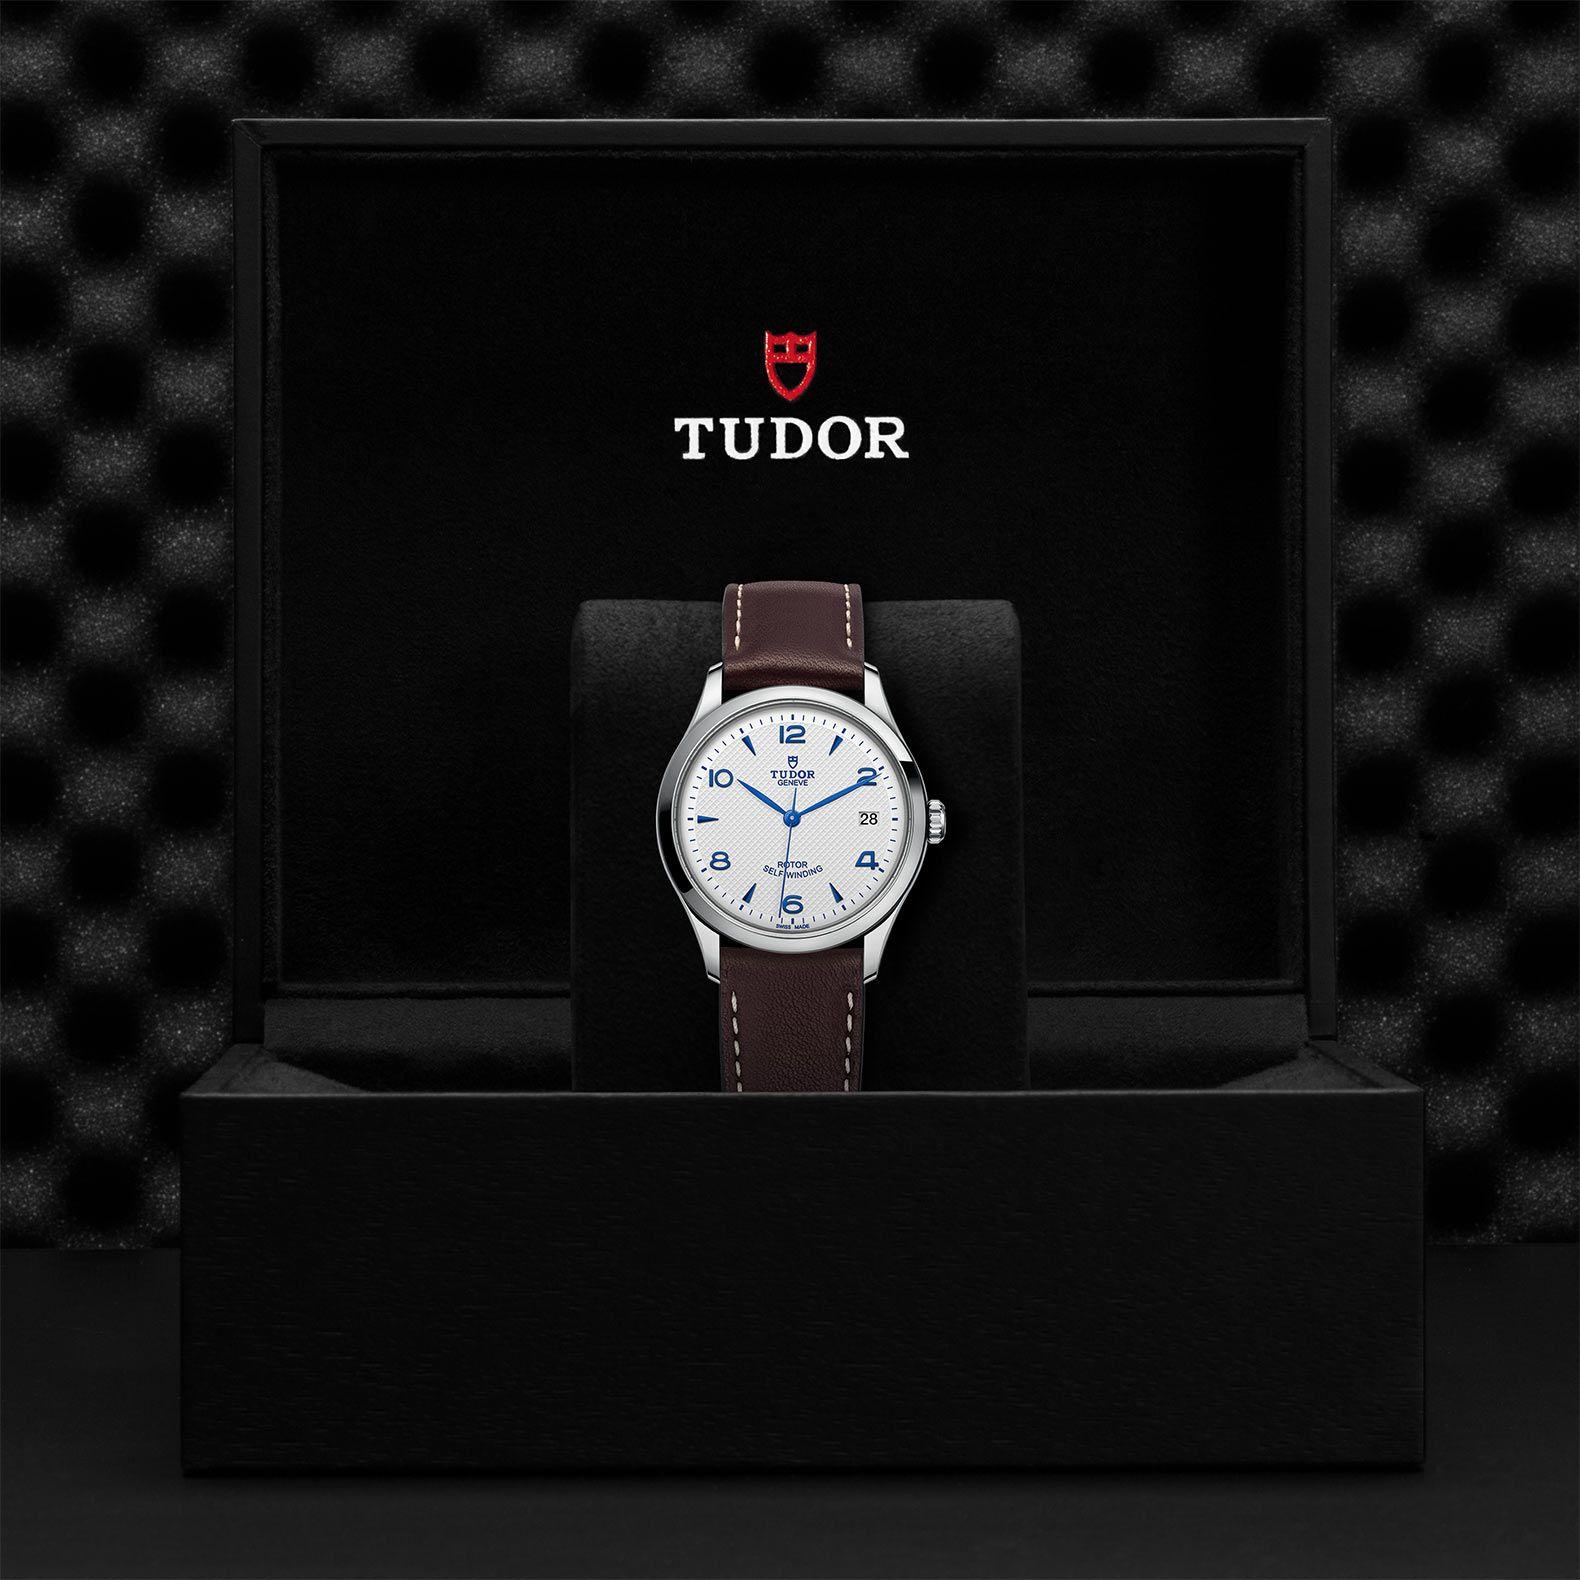 TUDOR 1926 91450 - 0010